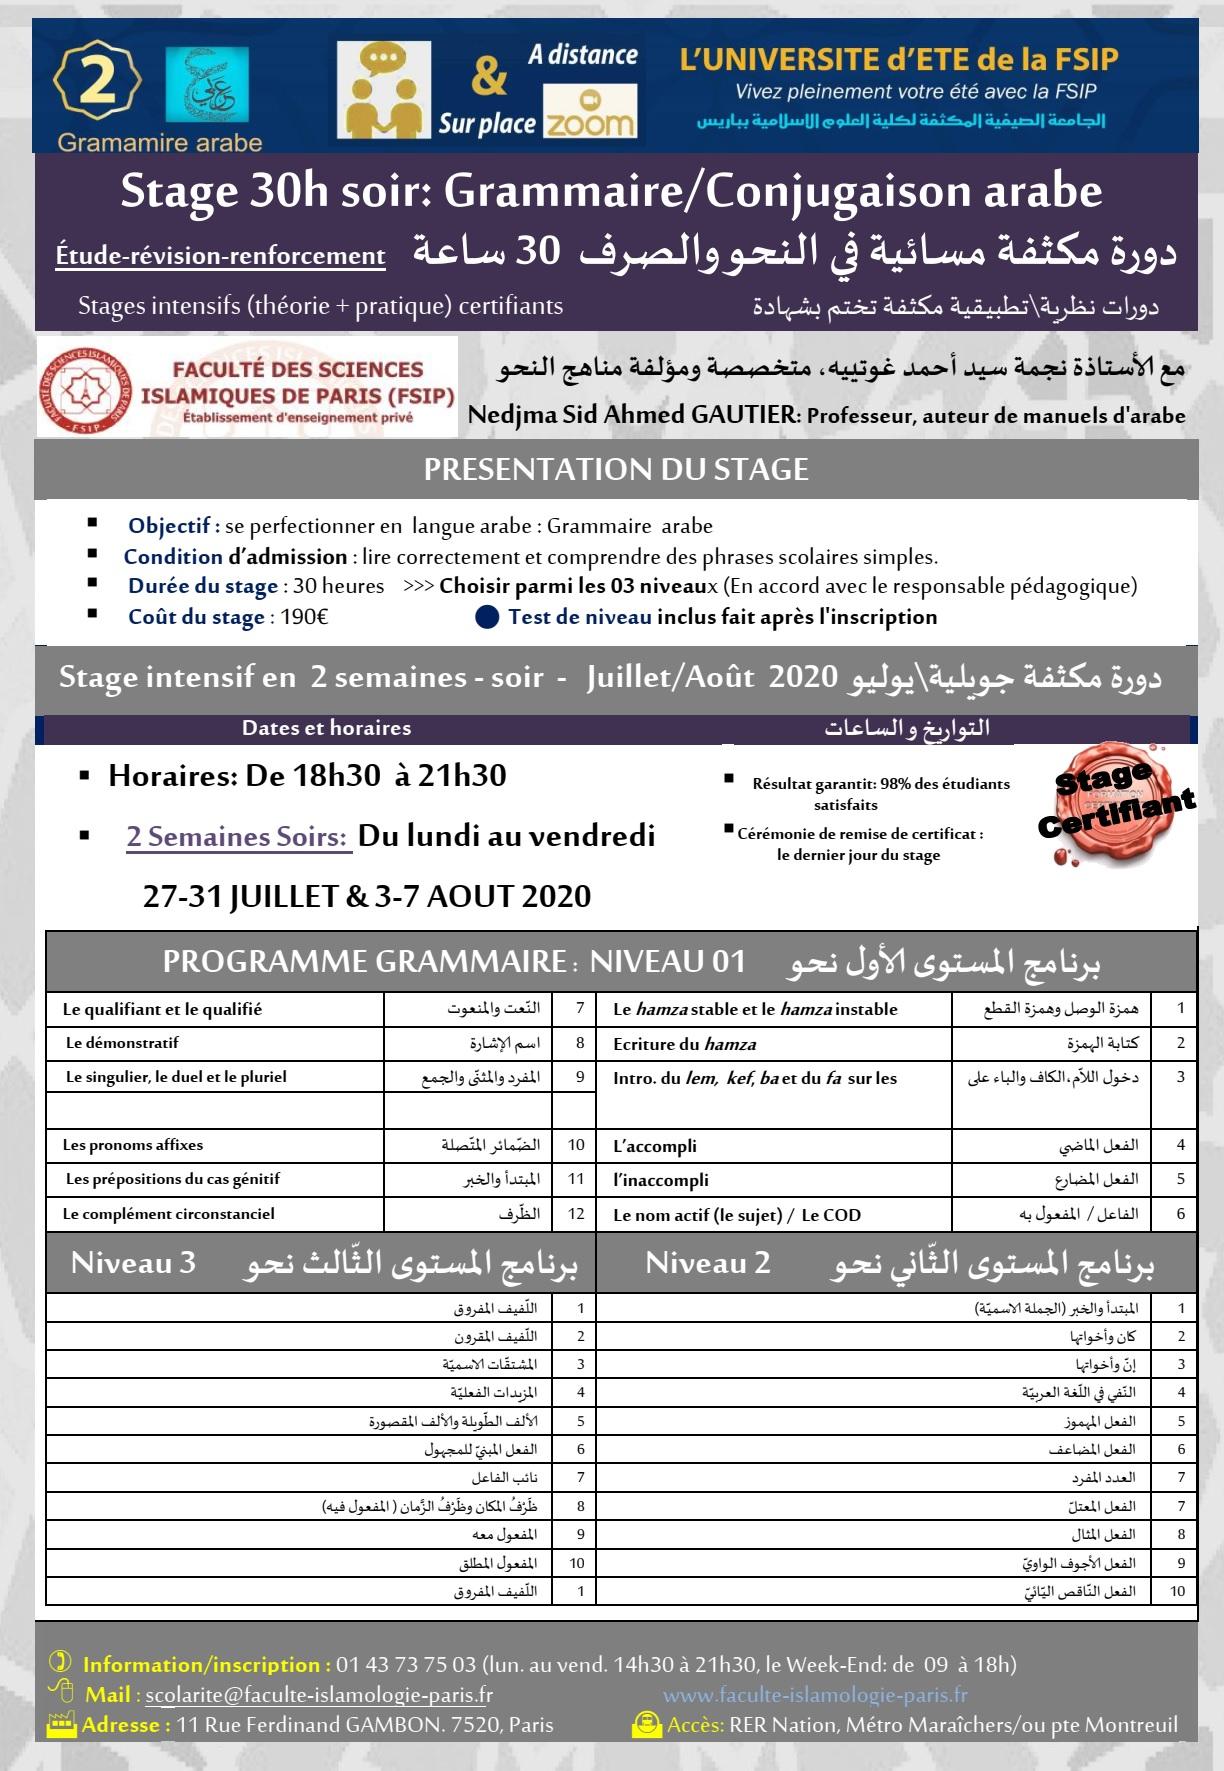 FSIP_details_stage_ete_grammaire_arabe_2020_Cours_Arabe_Calligraphie_Coran_Religion